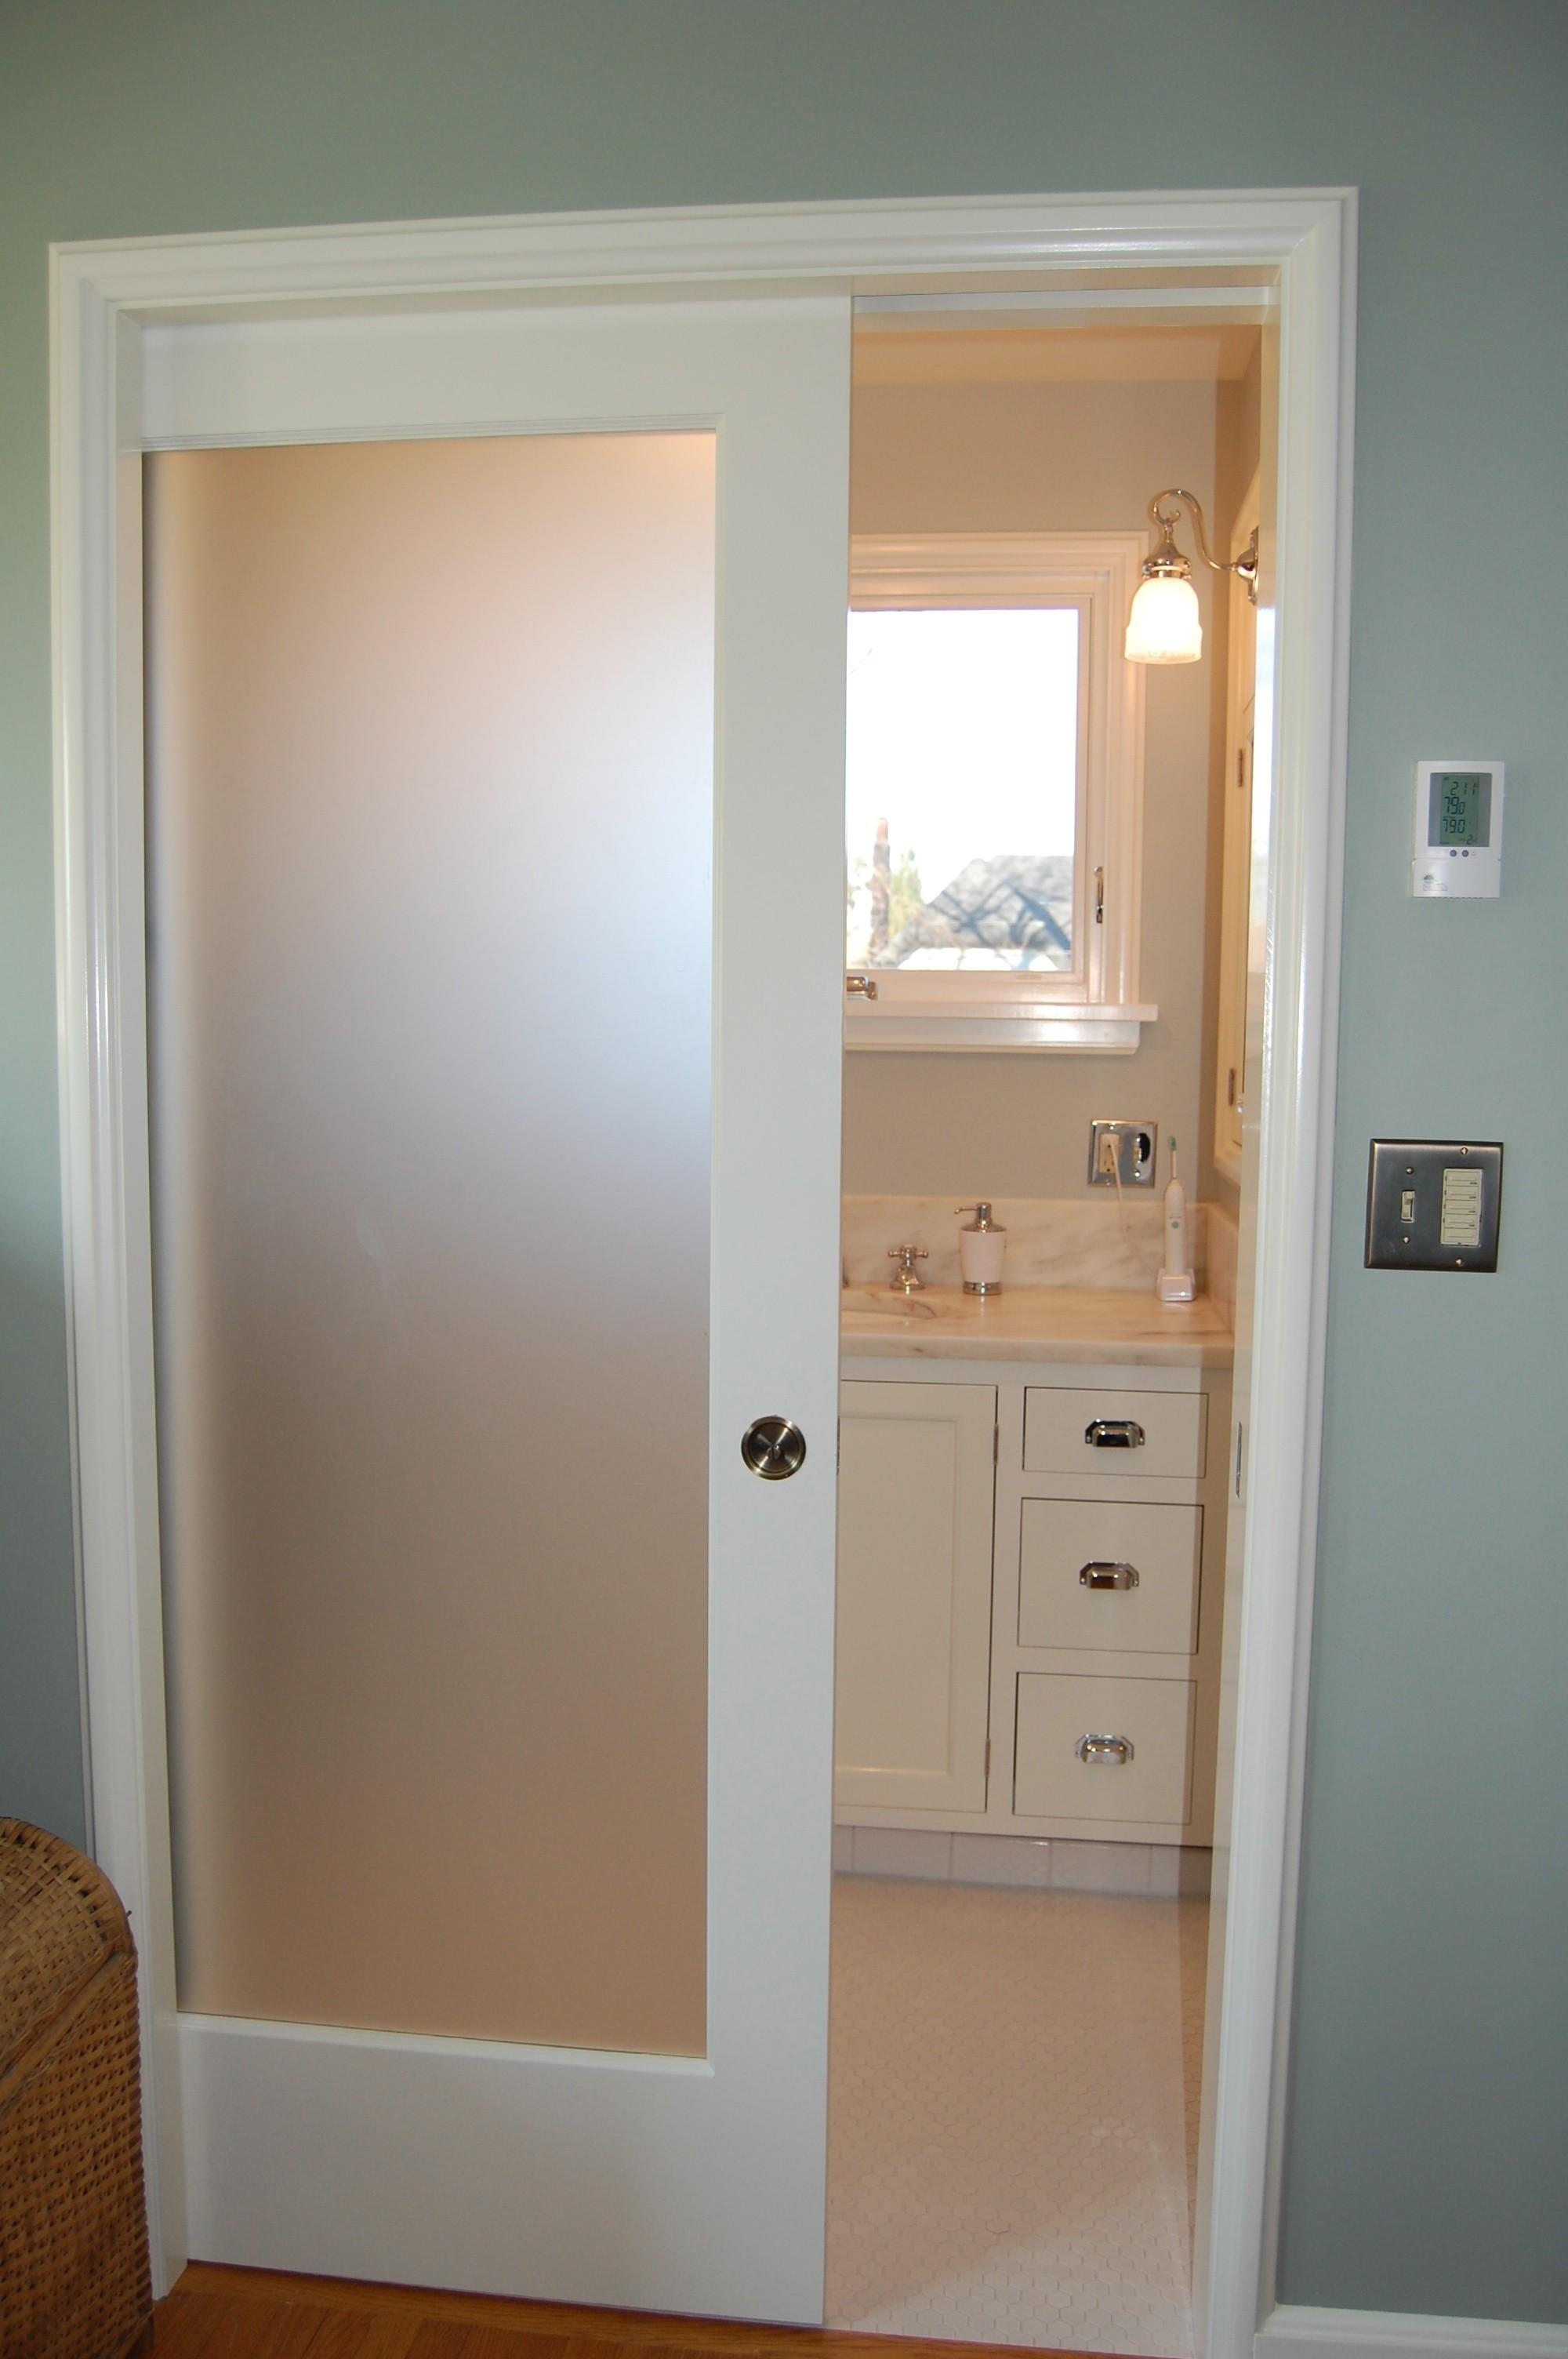 Bifold Bathroom Door: Best Of Sliding Bathroom Door Portrait